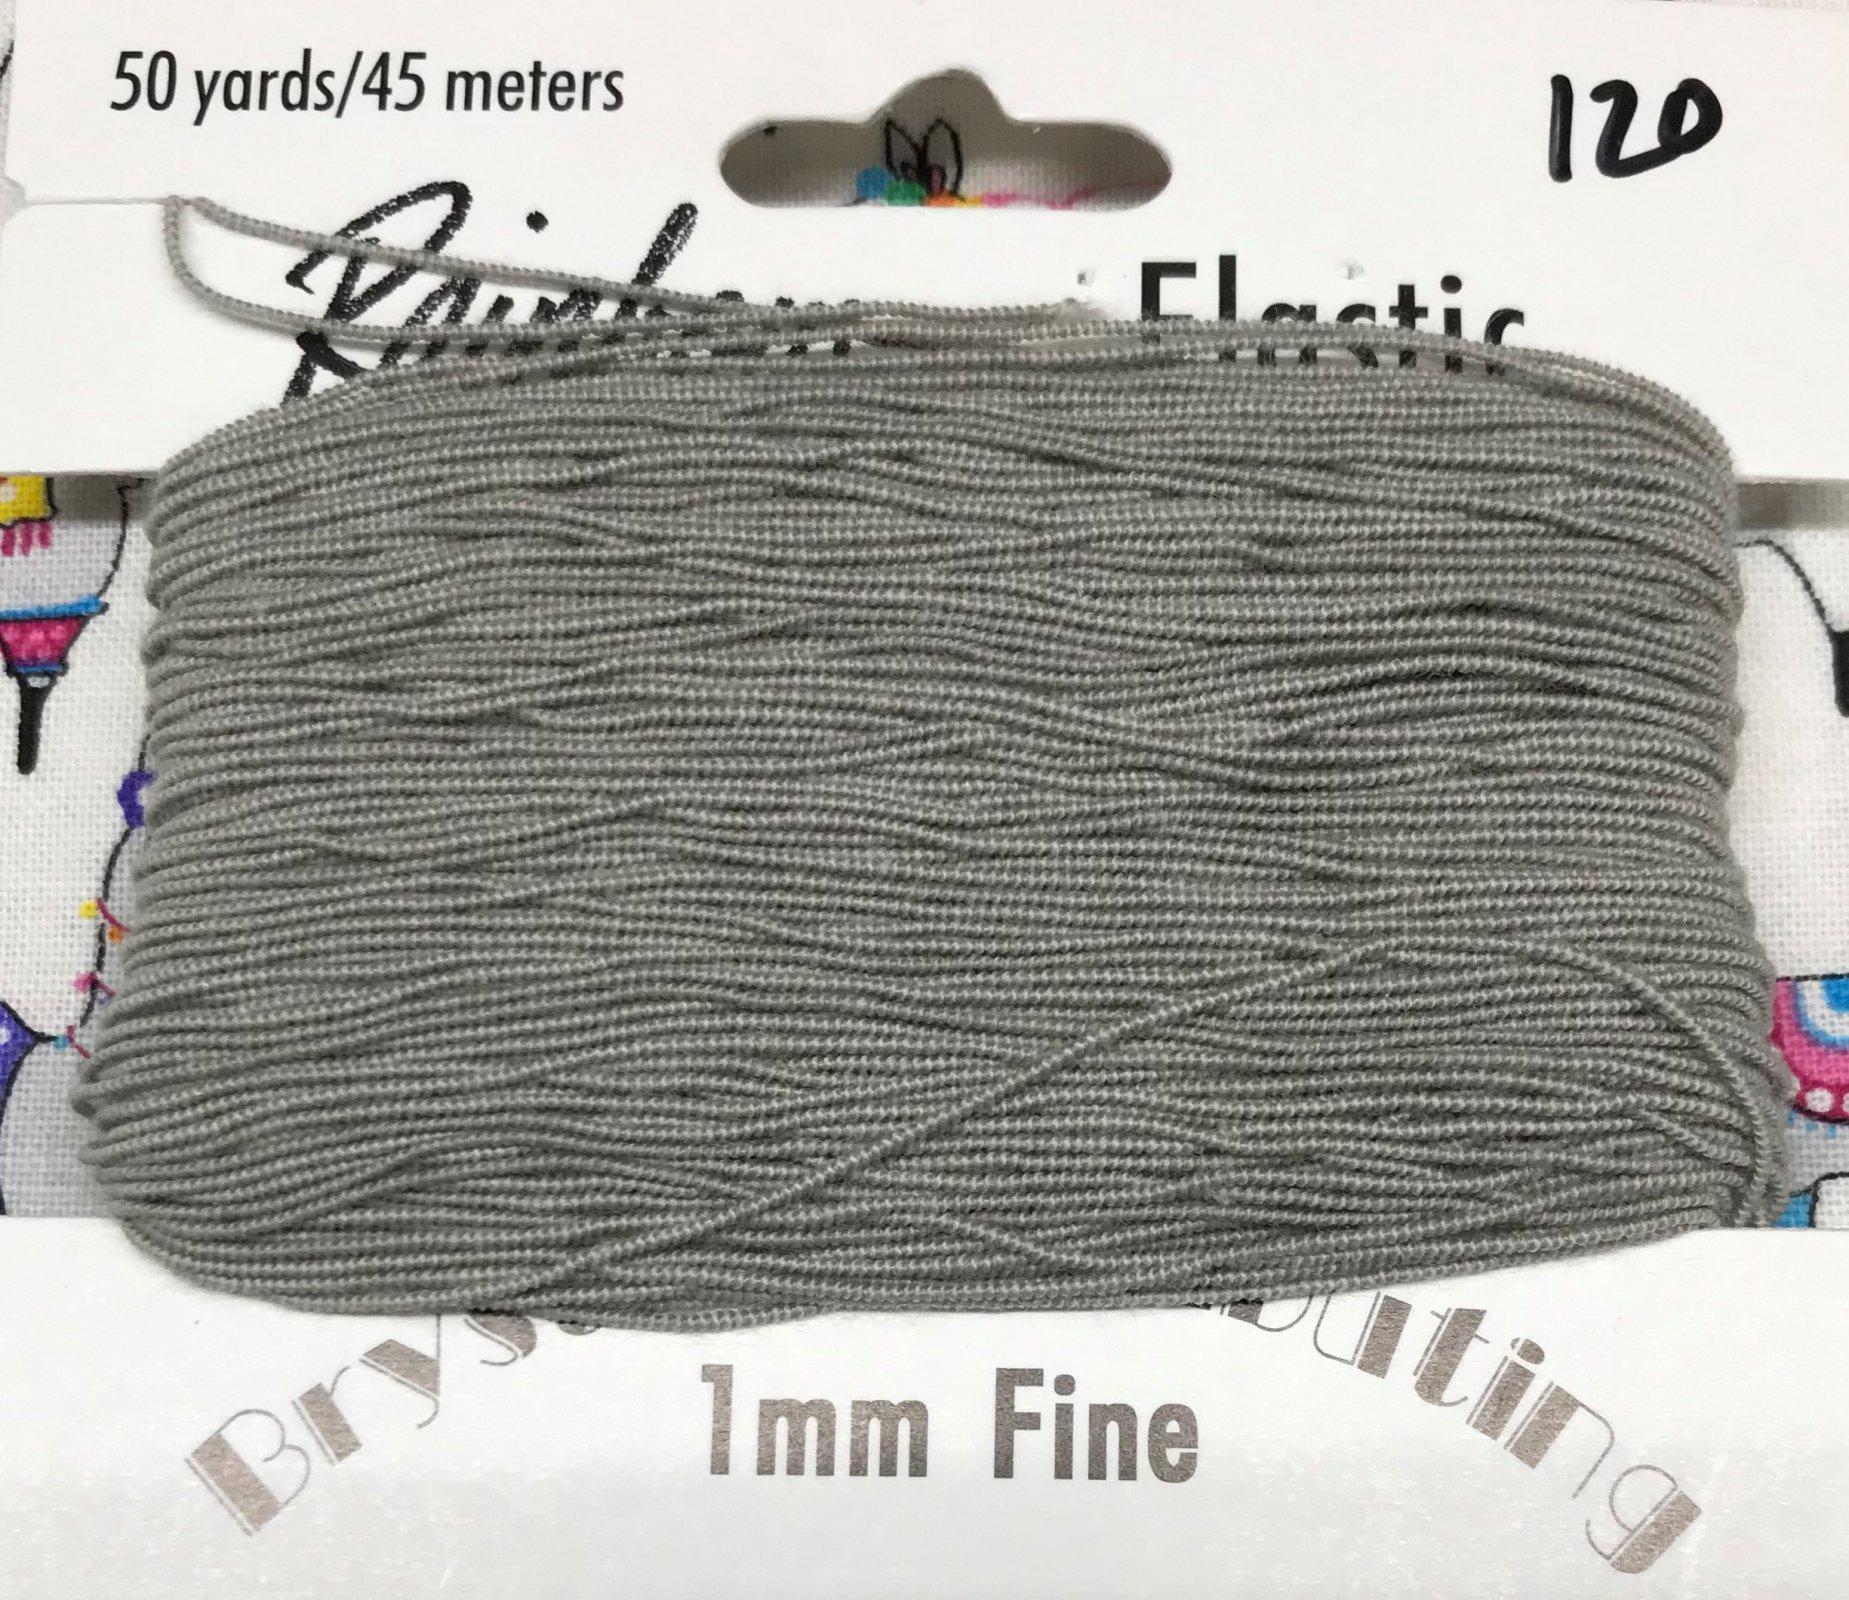 Fog, 1mm Fine-50y Elastic